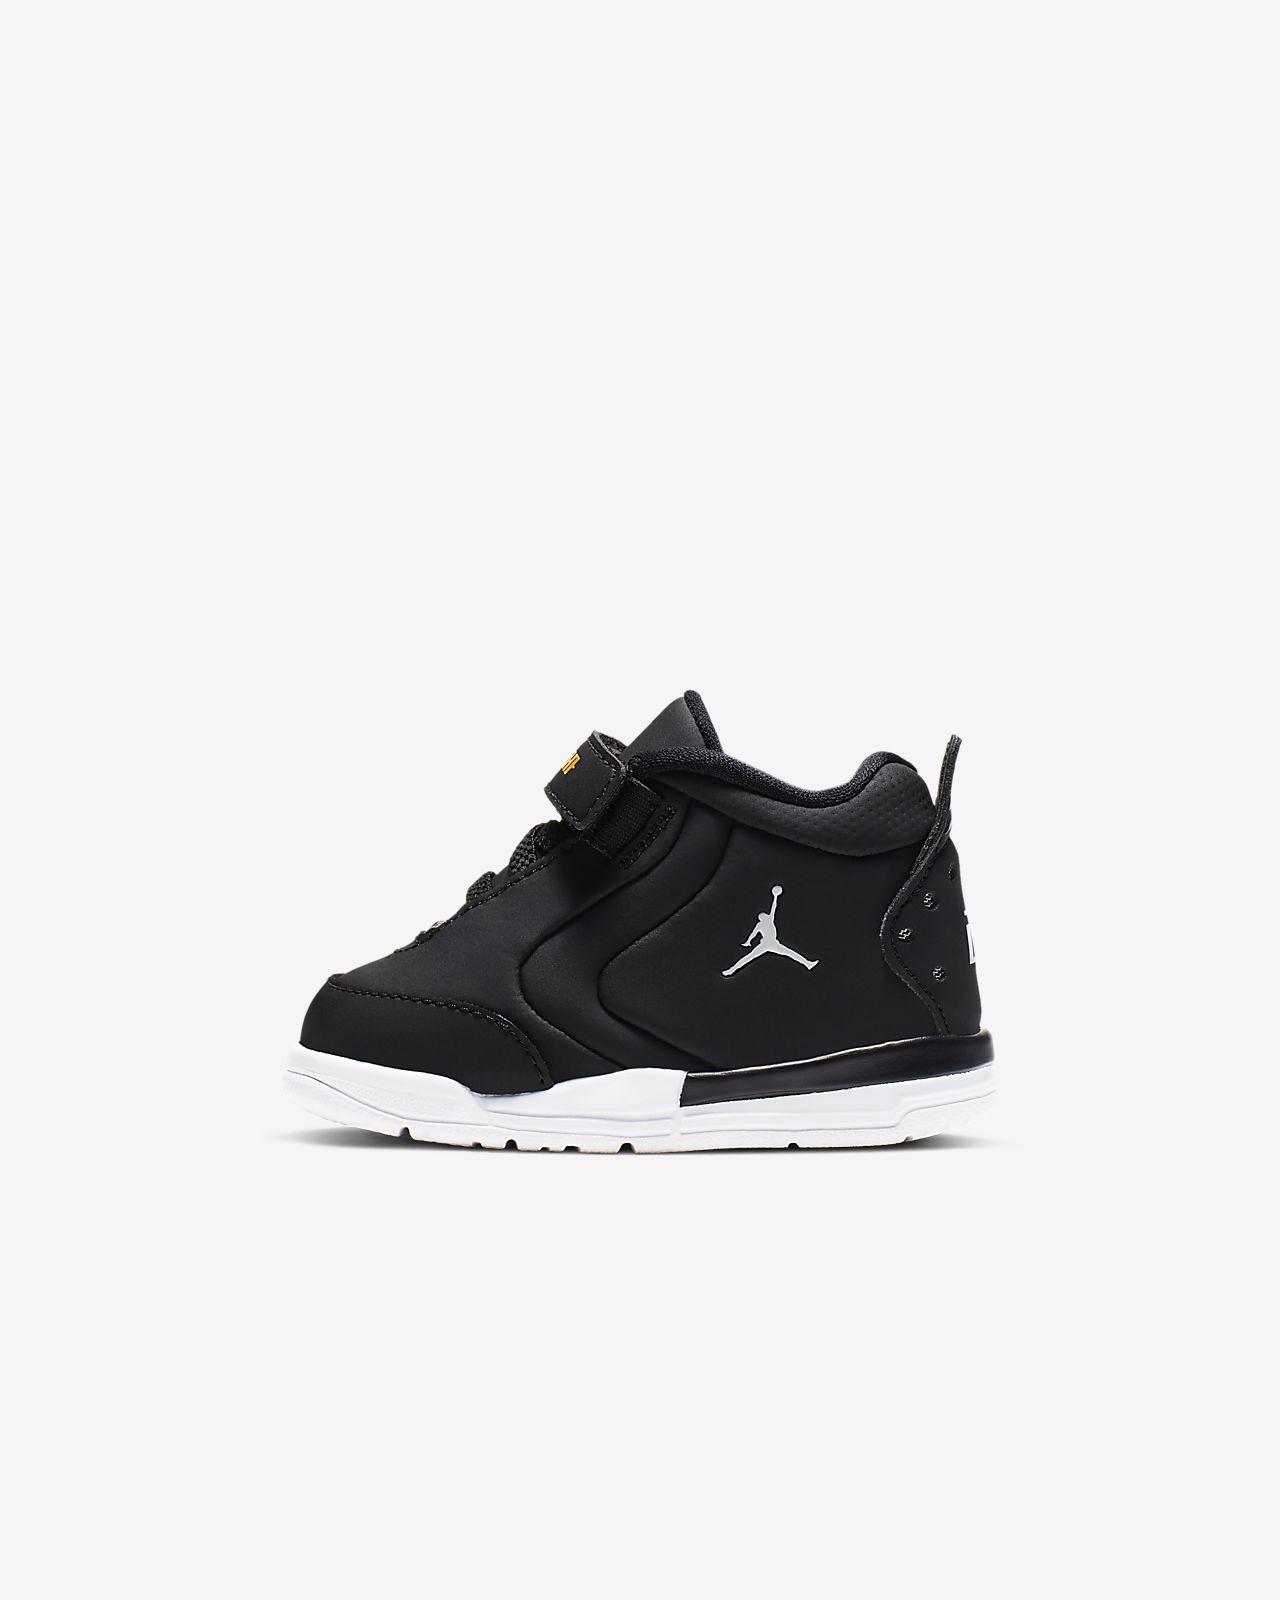 Jordan Big Fund sko til sped-/småbarn